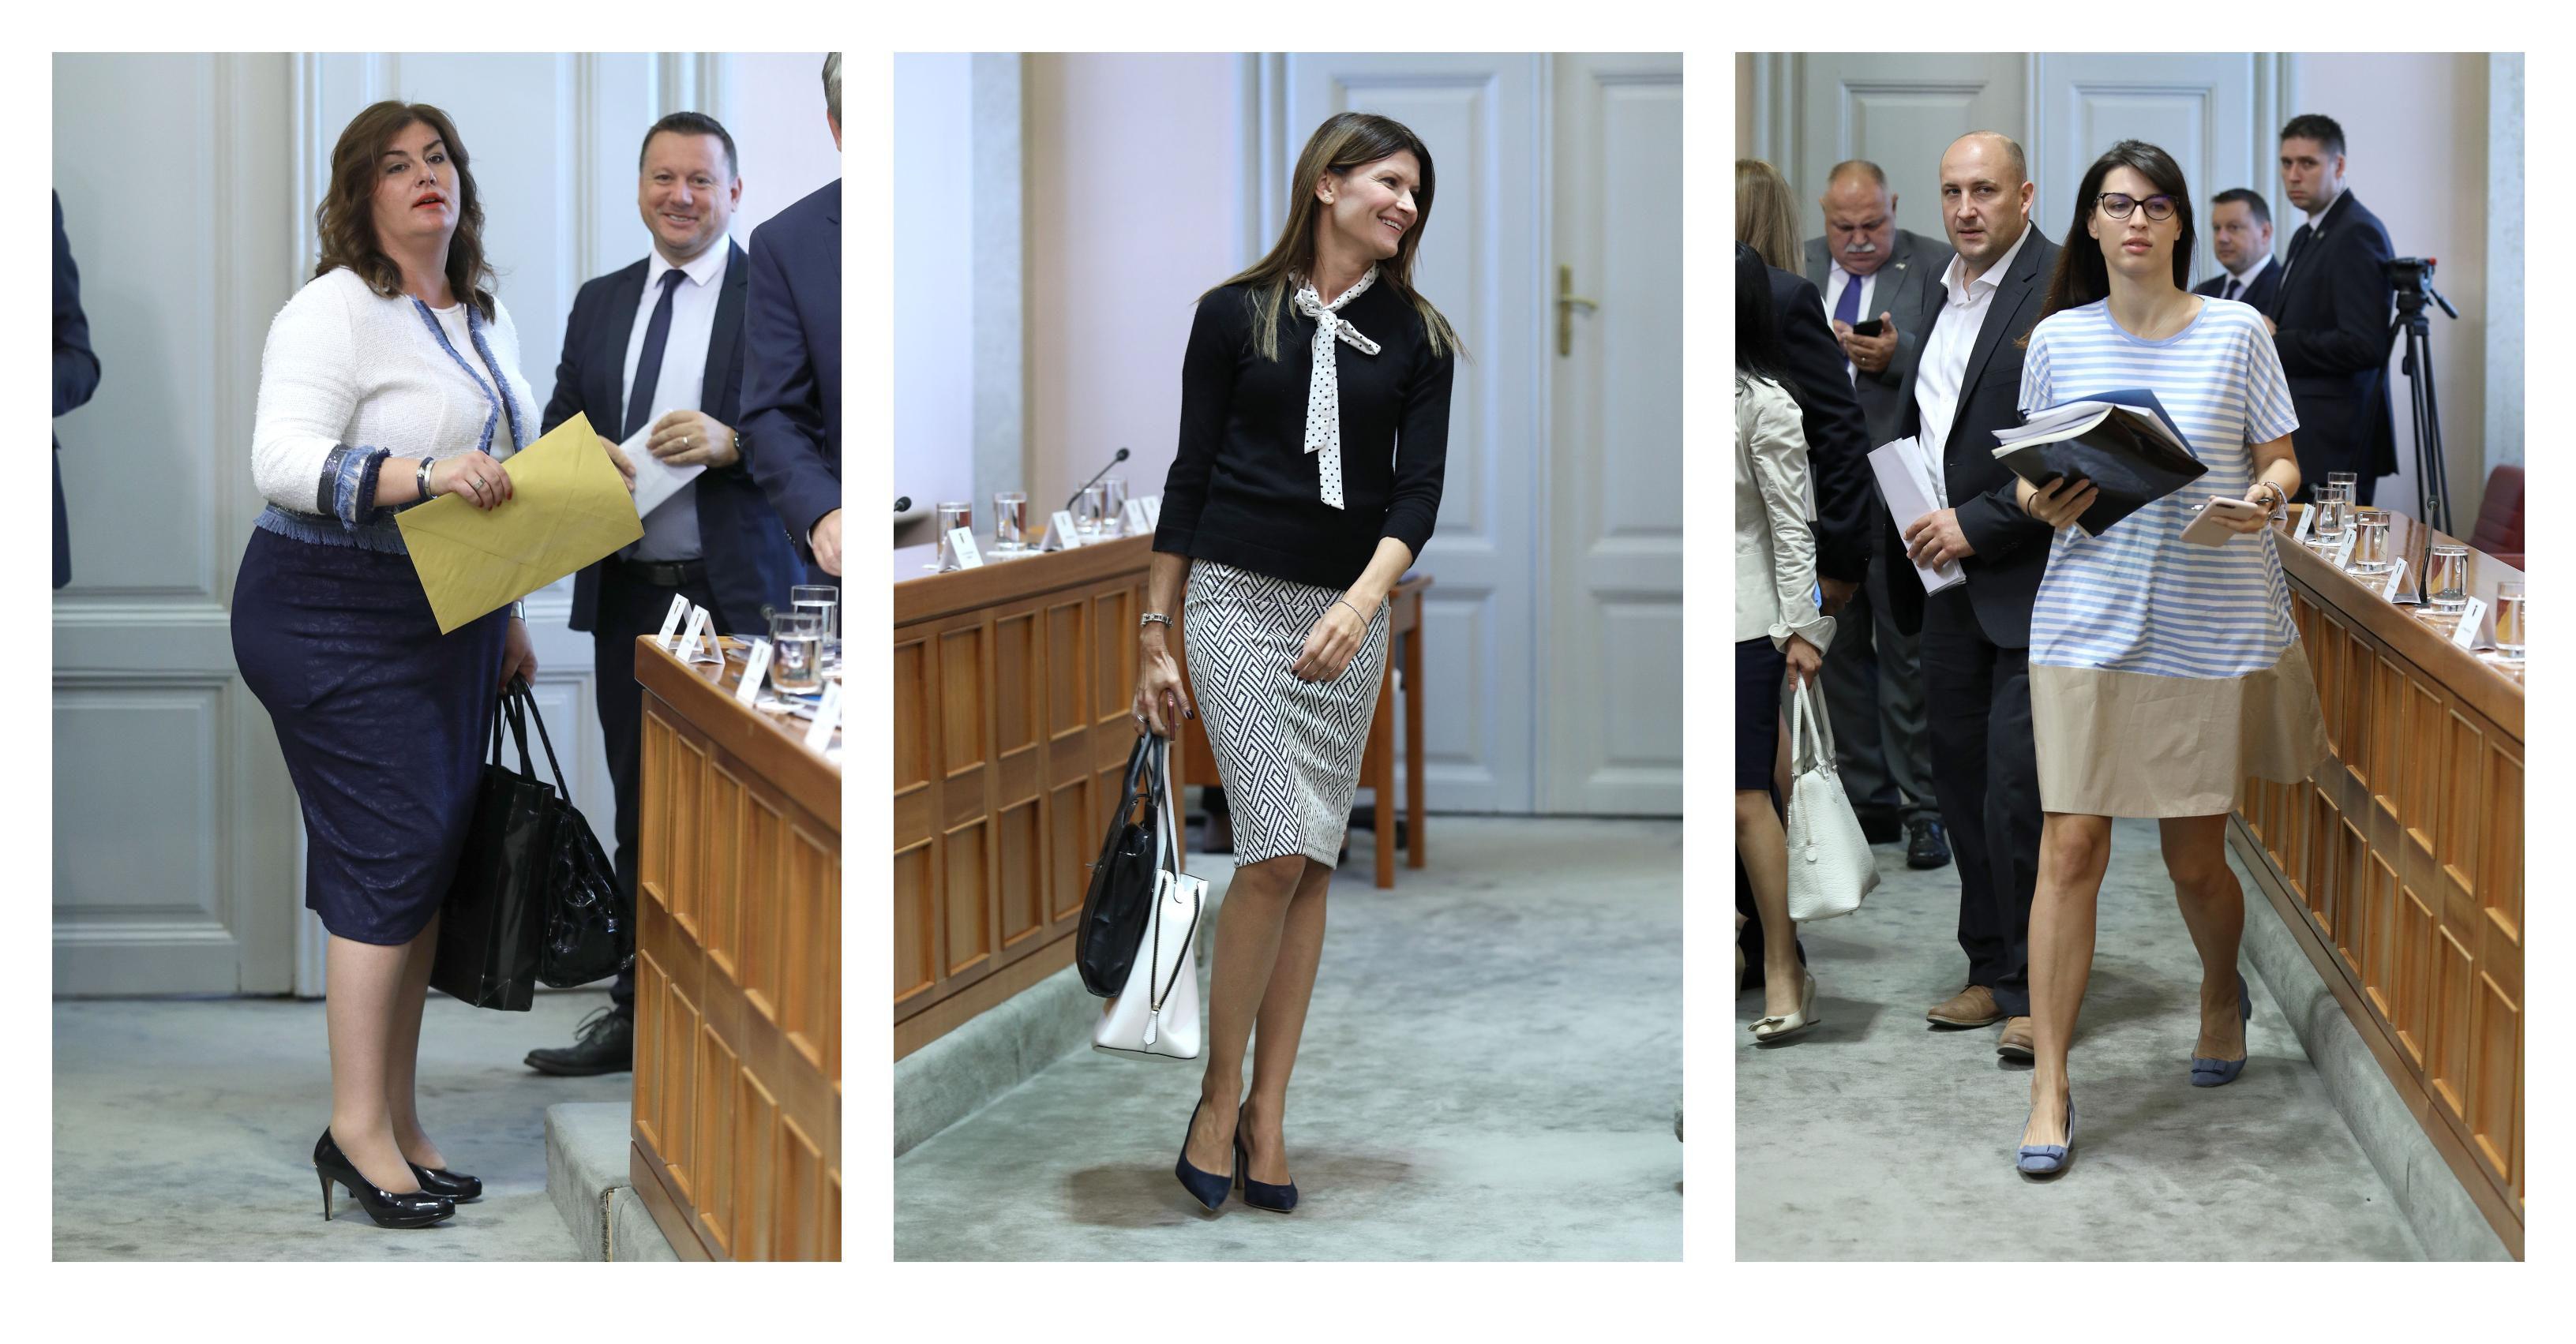 Gabrijela Žalac, Sabina Glasovac, Tena Mišetić... Modna savjetnica prokomentirala outfite zastupnica za prvo zasjedanje